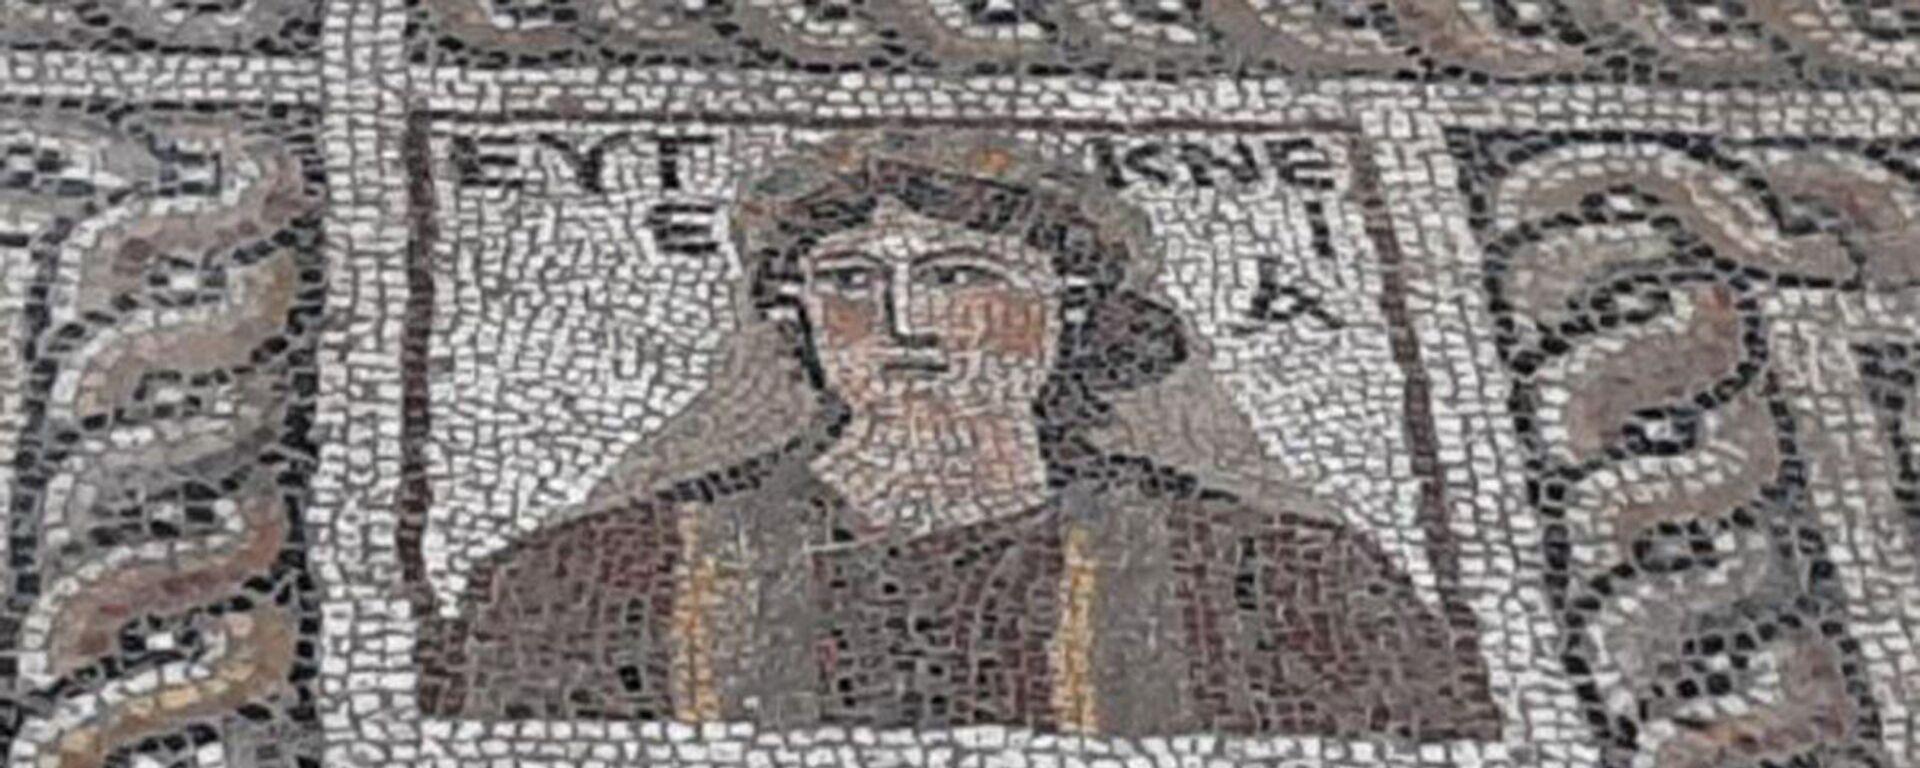 Mozaika znaleziona podczas wykopalisk w dystrykcie Kadirli w prowincji Osmaniye (Turcja) - Sputnik Polska, 1920, 29.07.2021